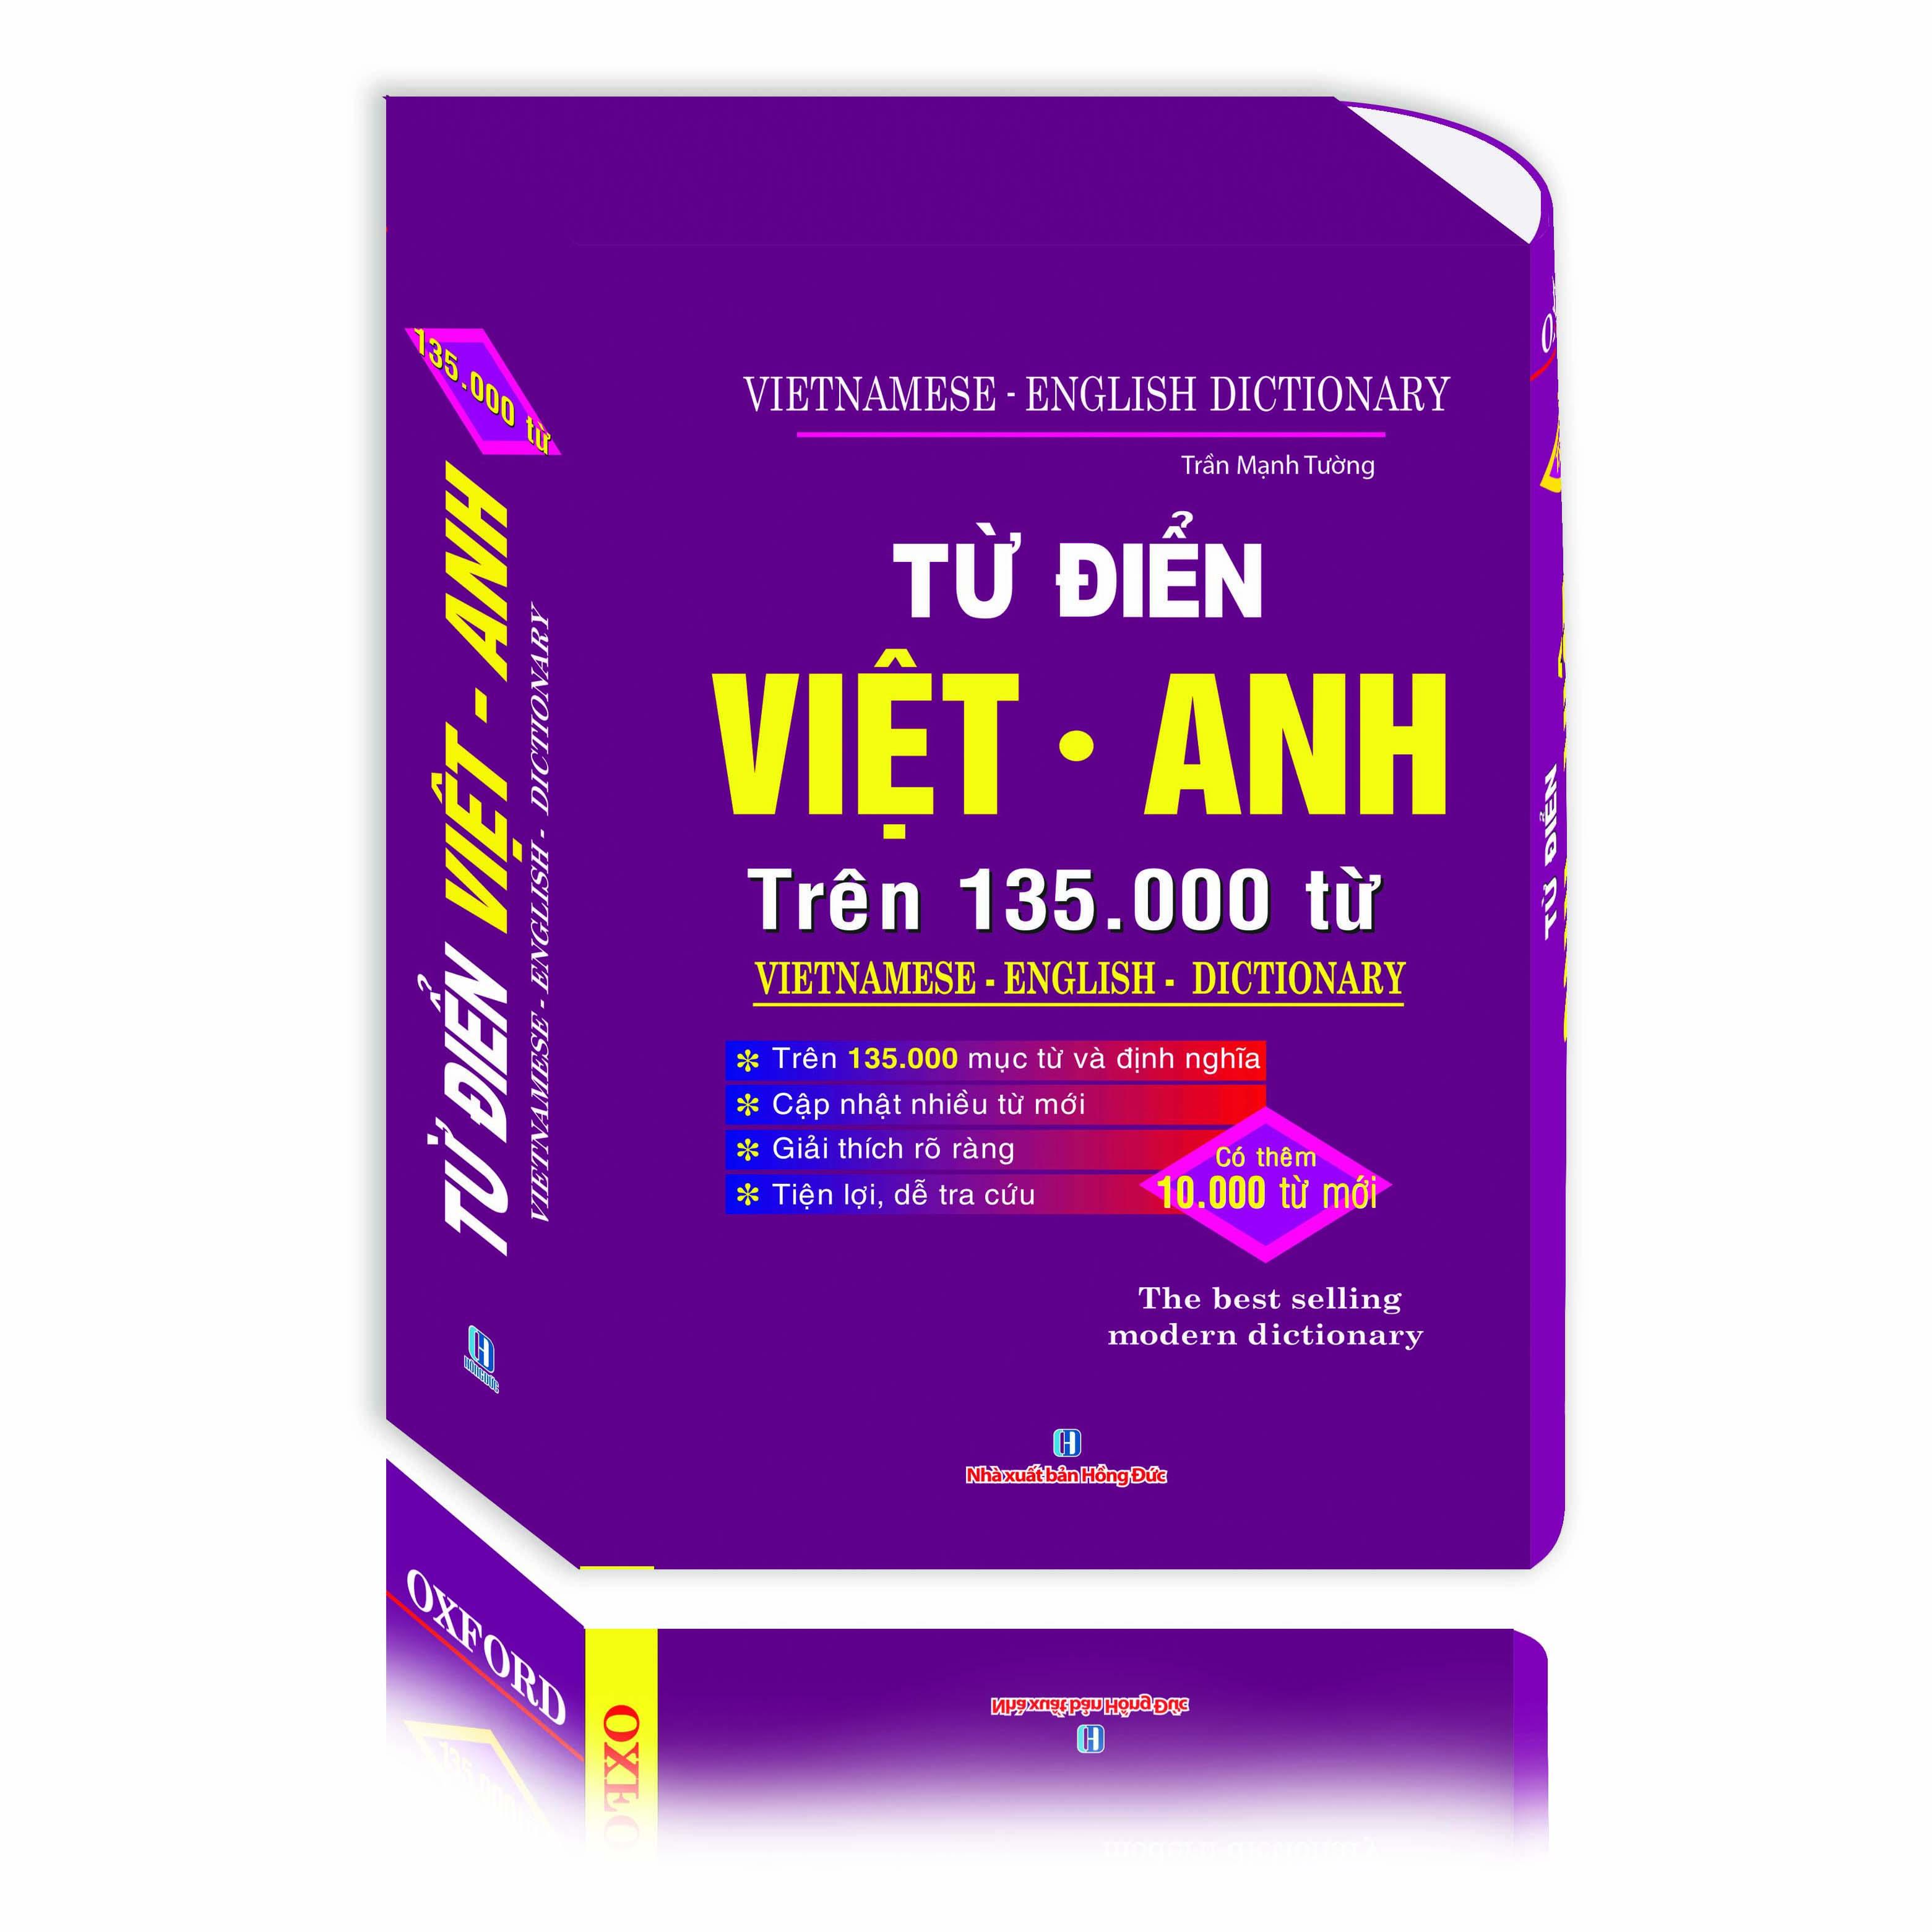 Từ Điển Việt Anh Trên 135.000 Từ